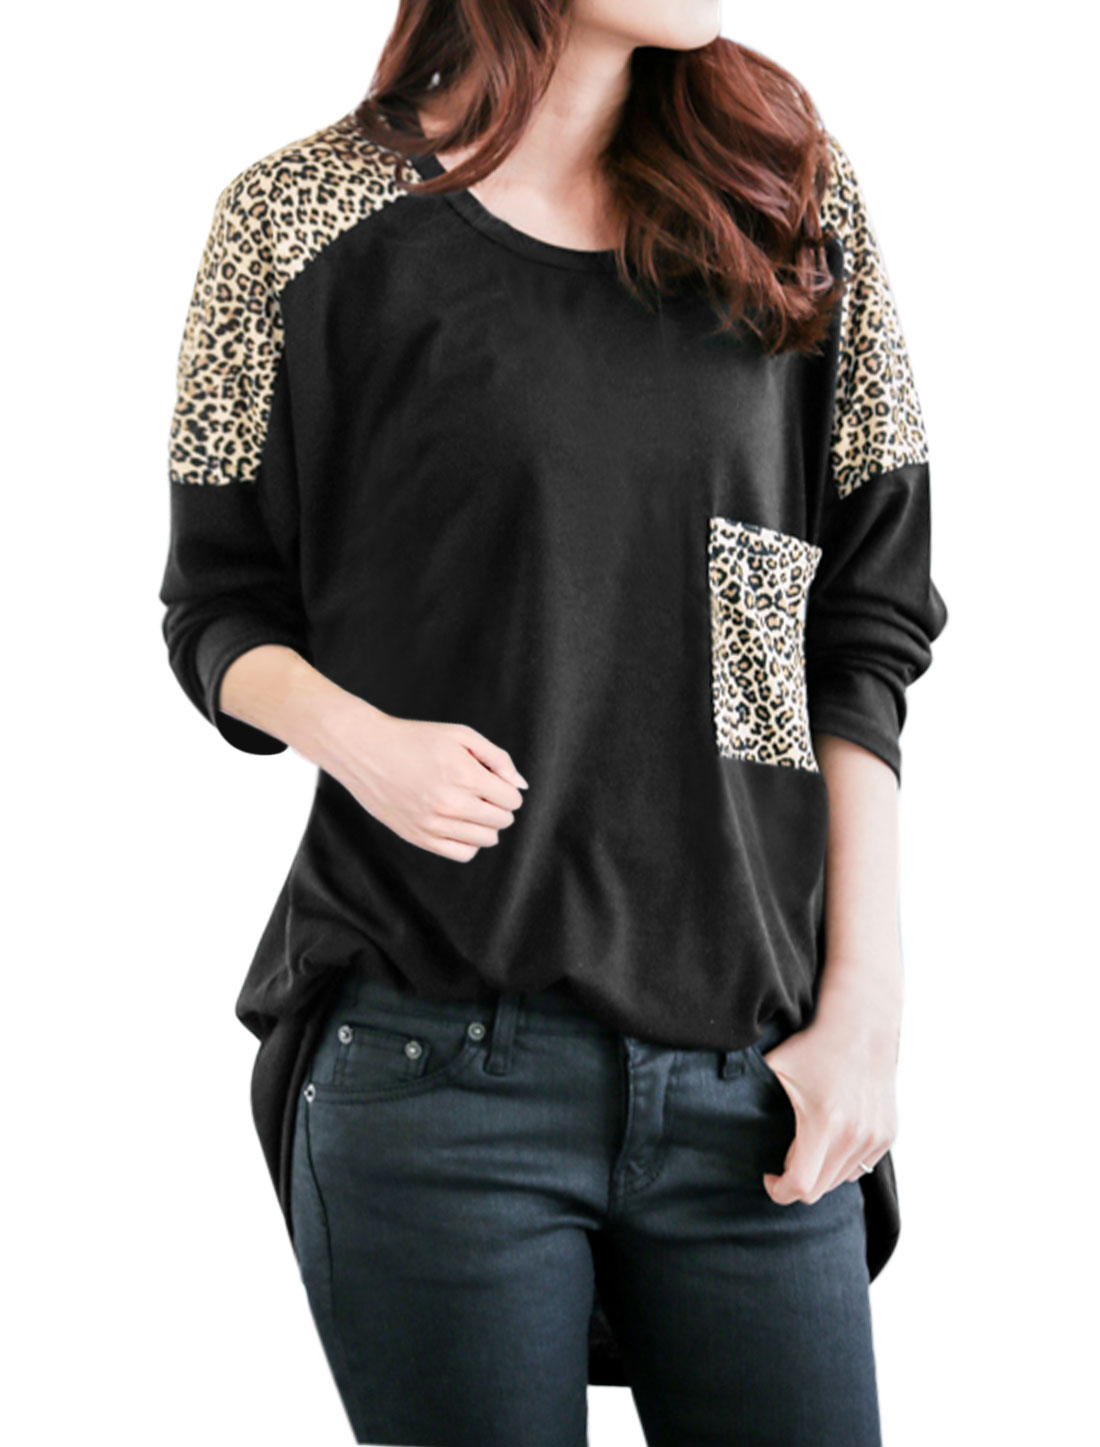 Women Loose Leopard Batwing Tunic Top w Pocket Black S